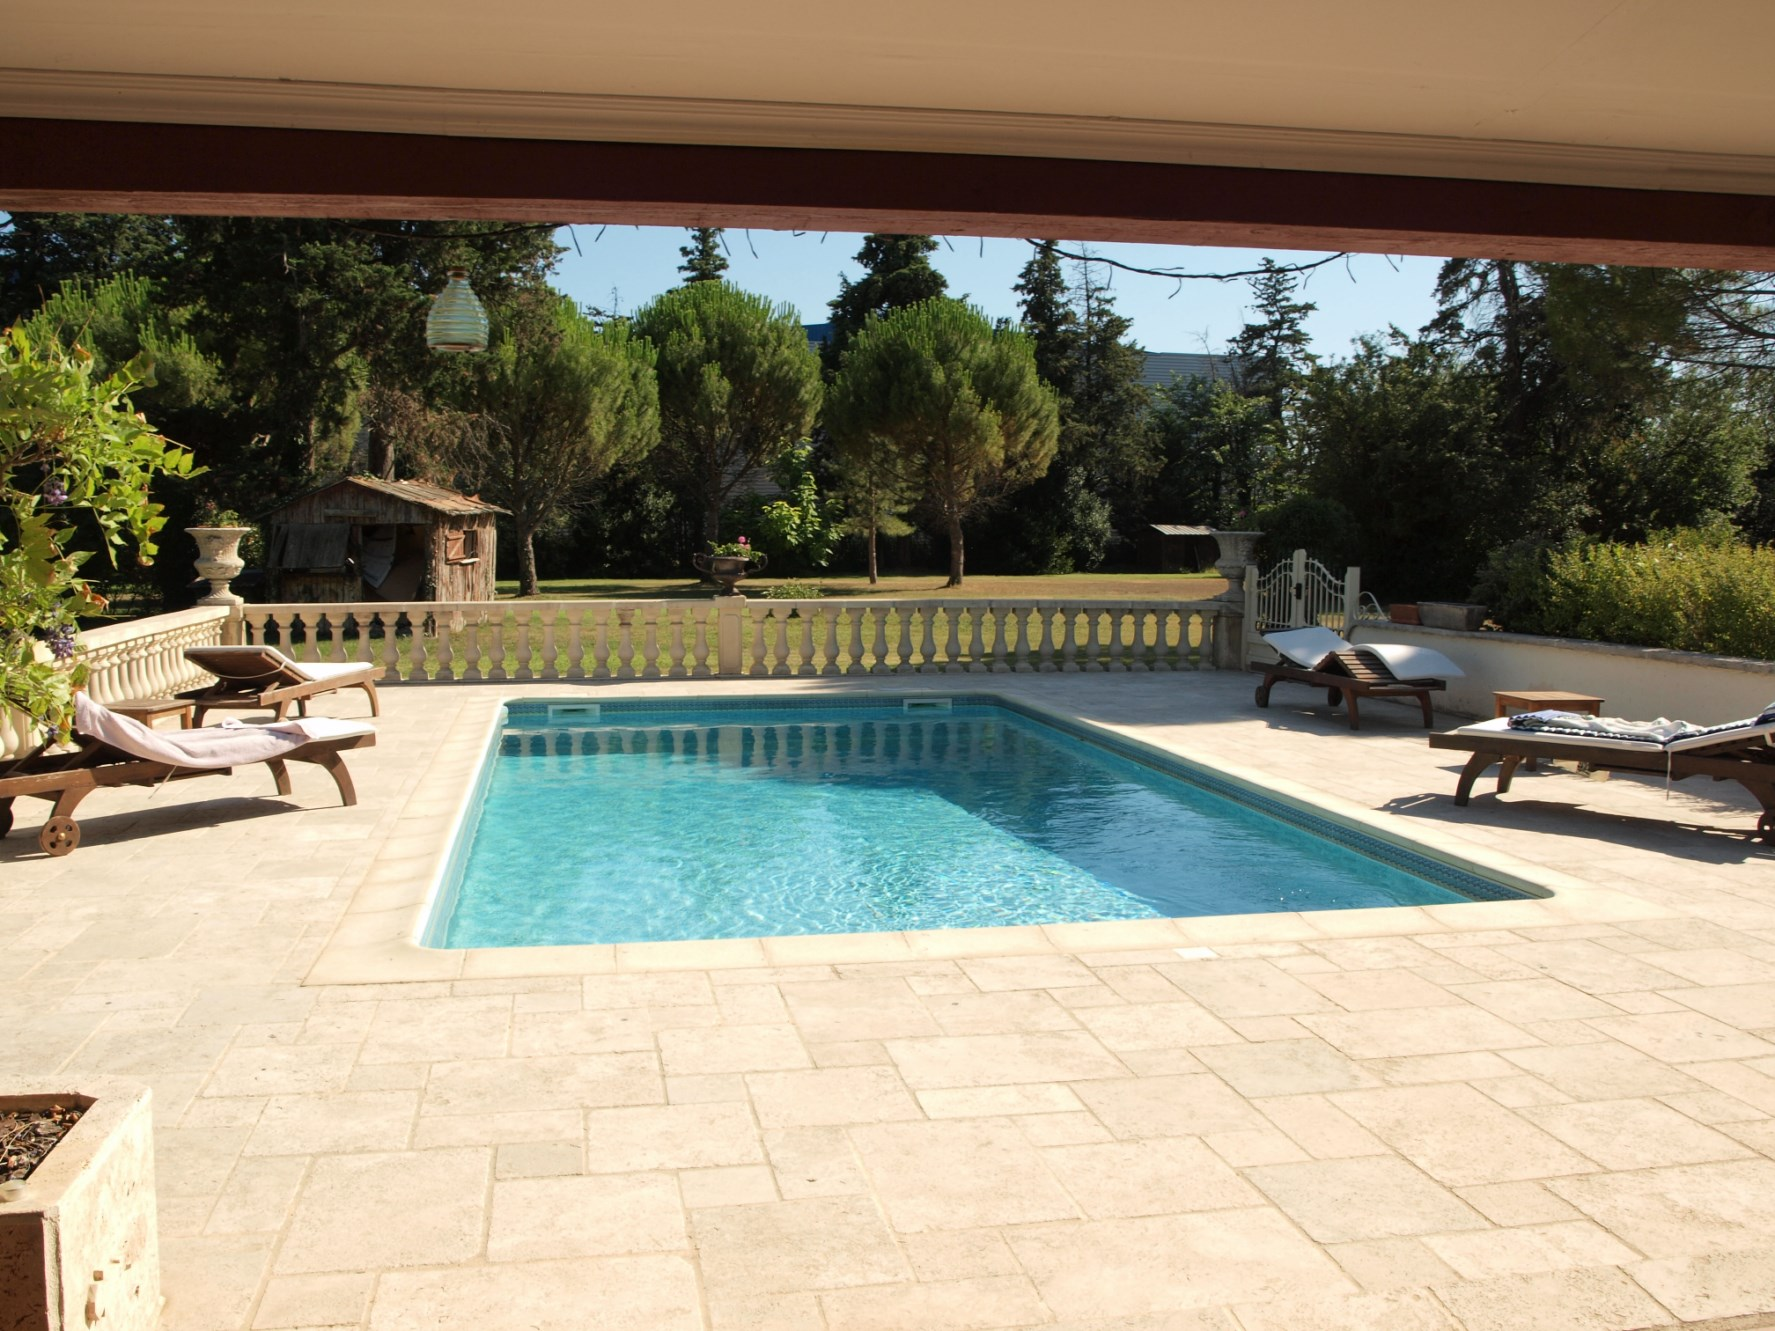 Maison avec piscine à vendre entre Luberon et Alpilles